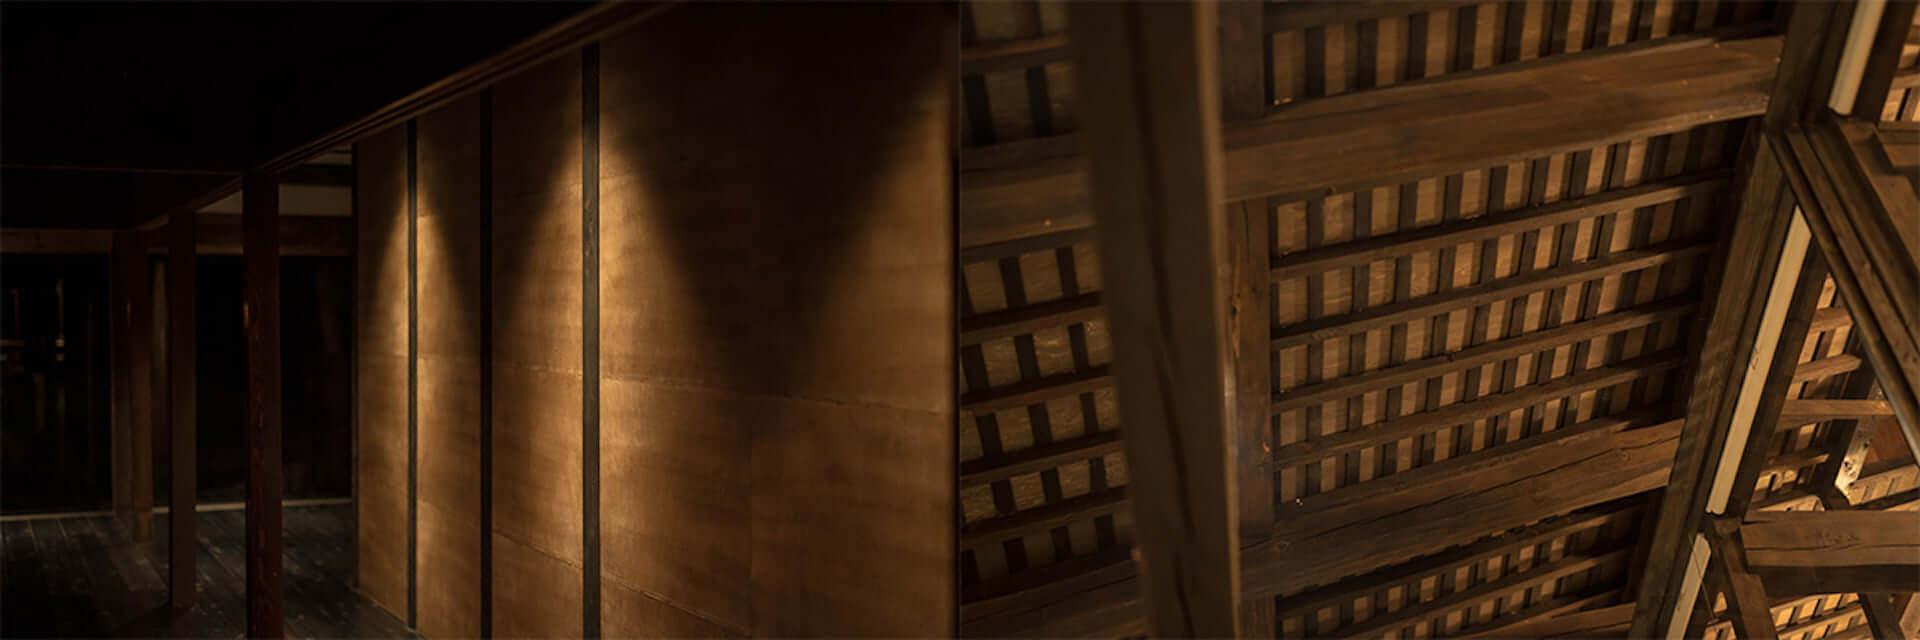 """「日本で最も美しい村」、日本の秘境に古民家ラグジュアリーホテル""""ゼナギ""""がOPEN! 5-1920x640"""